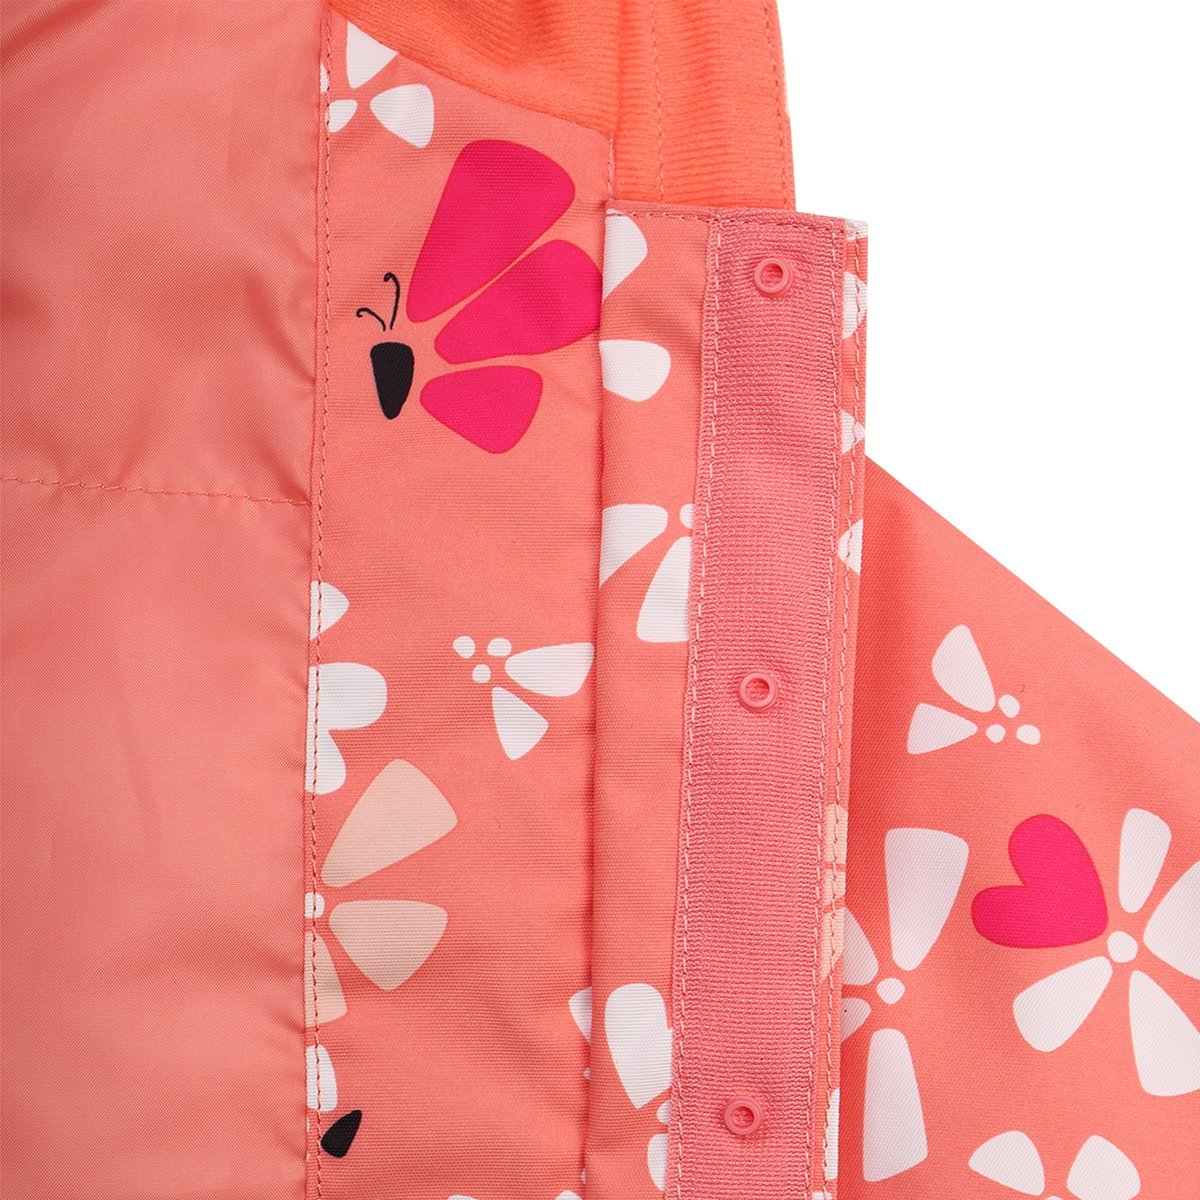 Купить Верхняя одежда, Куртка Reima Kukka Light coral, р. 110 511284R-3163 ТМ: REIMA, коралловый